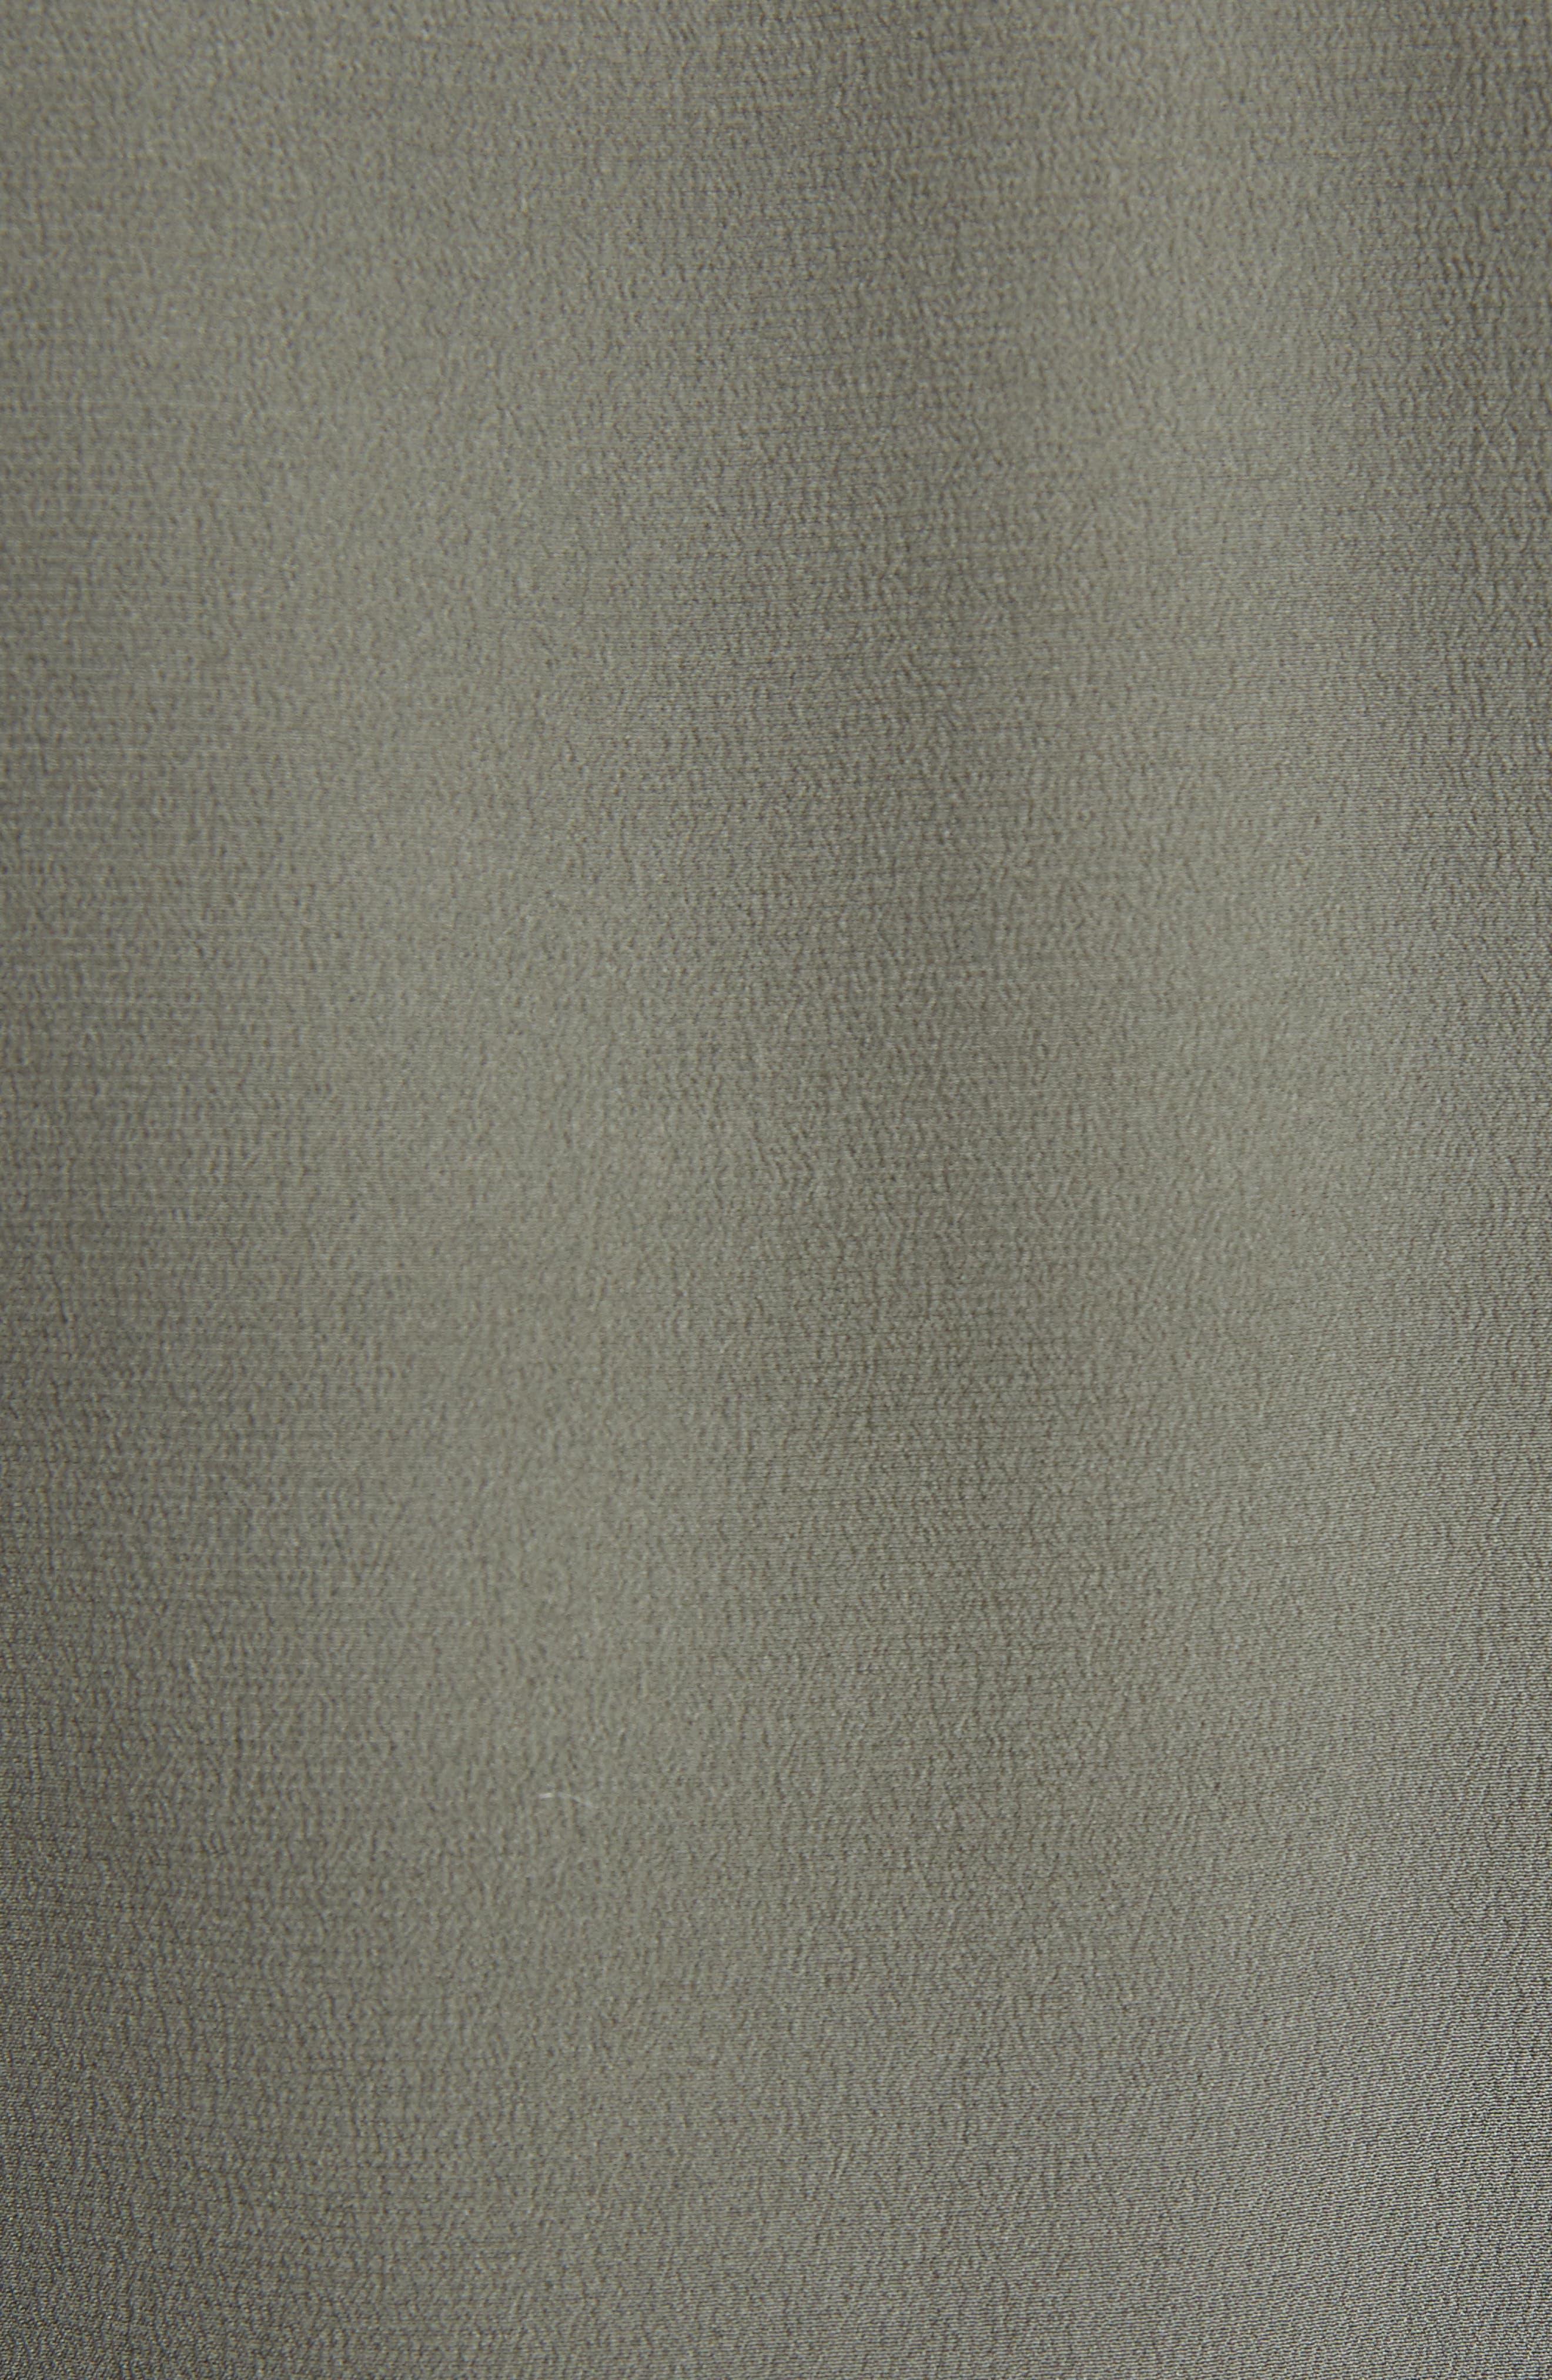 Contrast Neckline Silk Crêpe de Chine Blouse,                             Alternate thumbnail 5, color,                             Green Blue